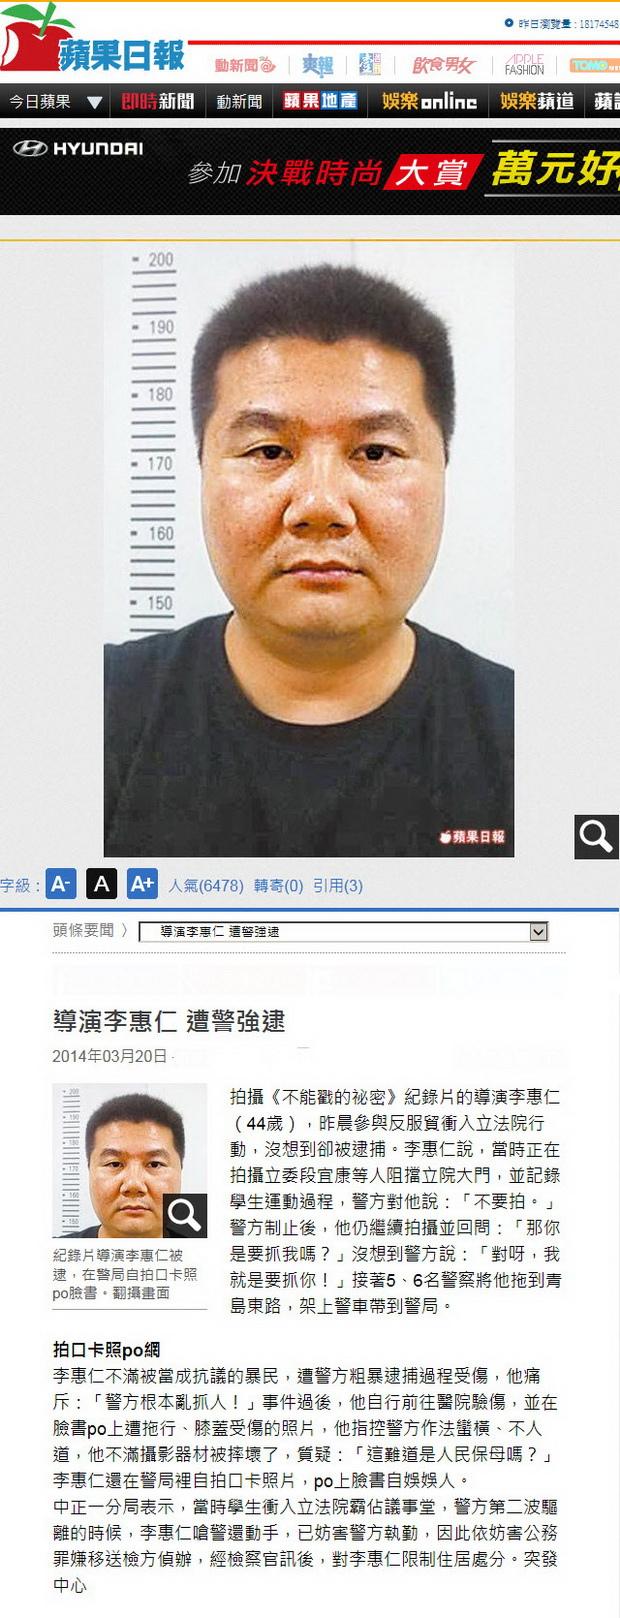 導演李惠仁 遭警強逮 -2014.03.20.jpg